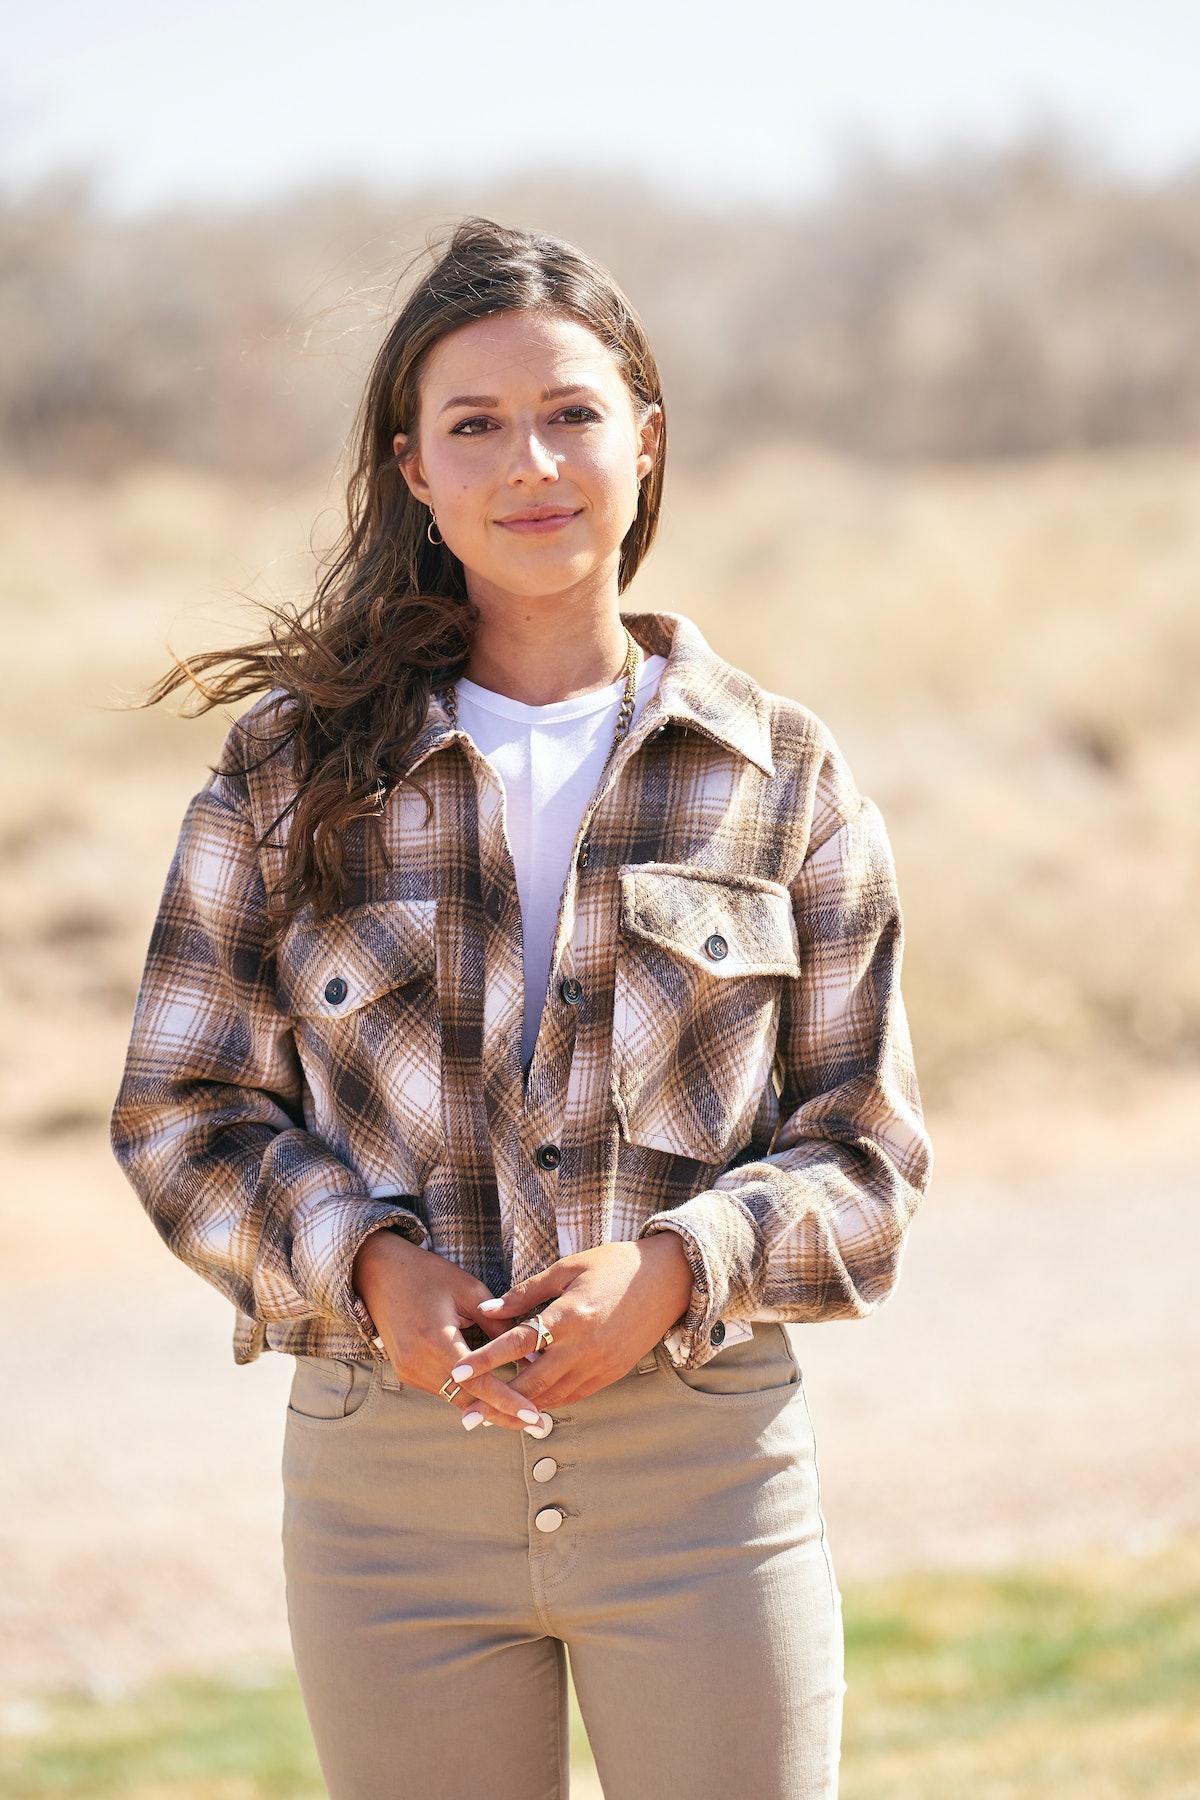 Katie Thurston on 'The Bachelorette' Season 17